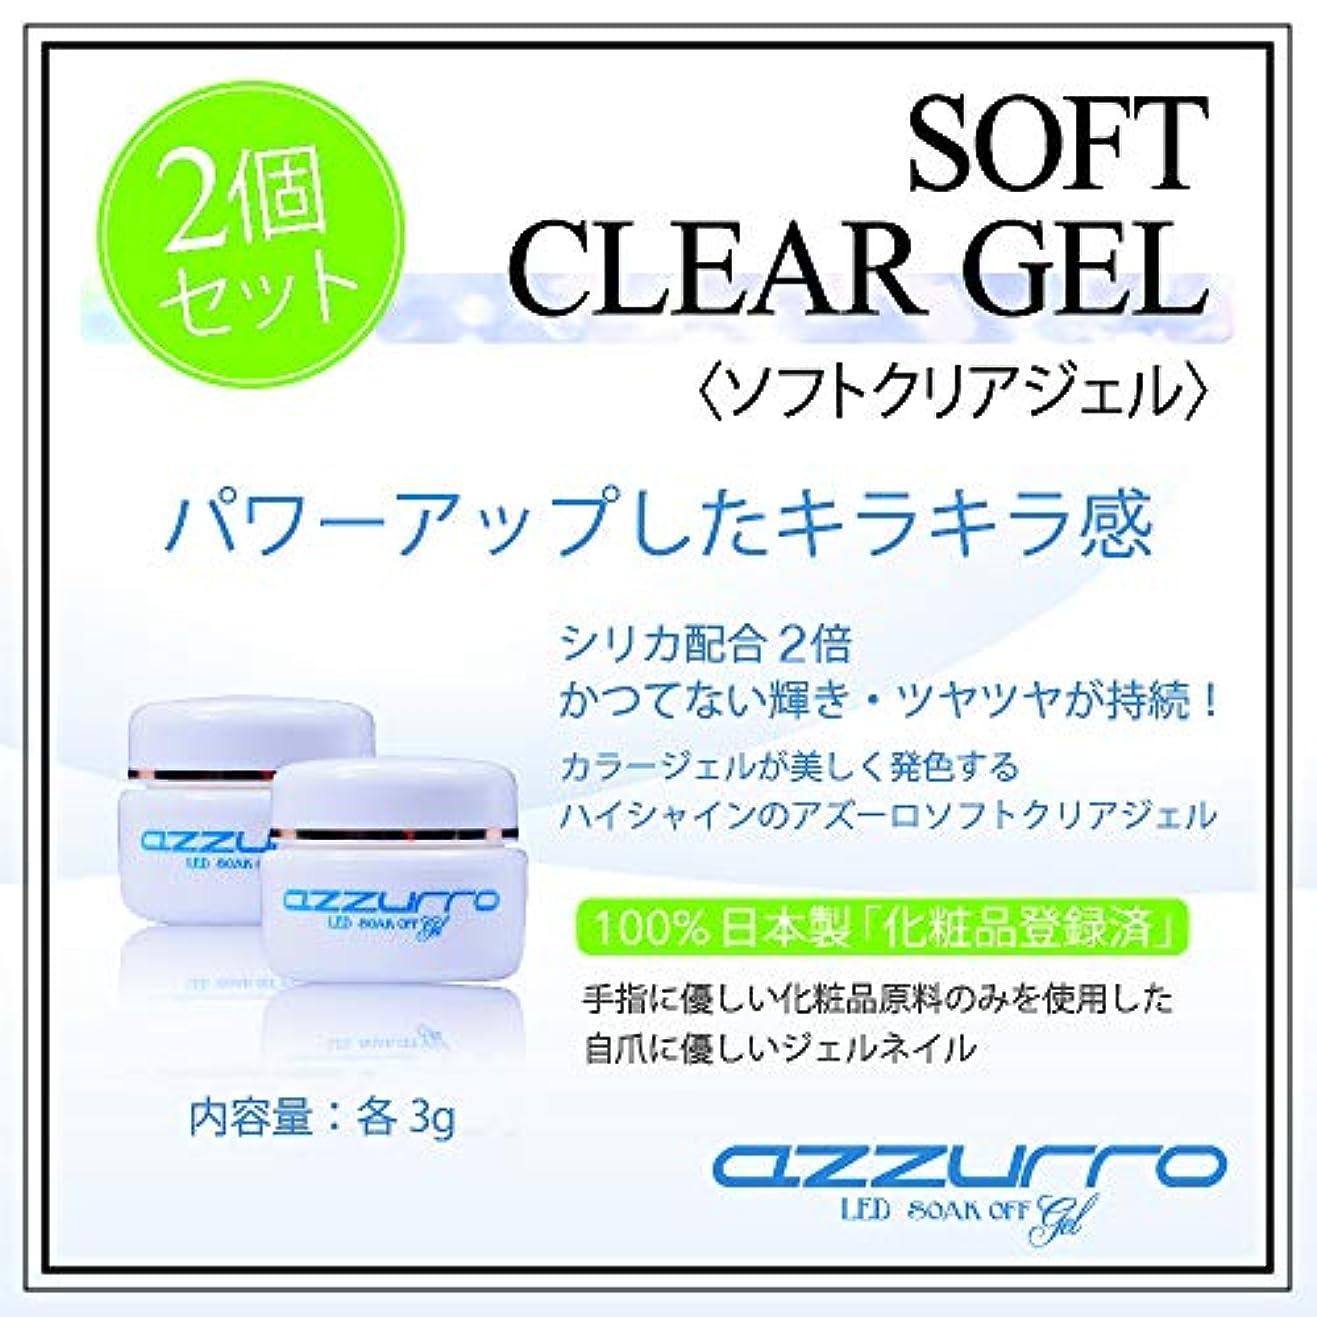 傷つきやすい進化するazzurro gel アッズーロ ソフトクリアージェル お得な2個セット ツヤツヤ キラキラ感持続 抜群のツヤ 爪に優しい日本製 3g